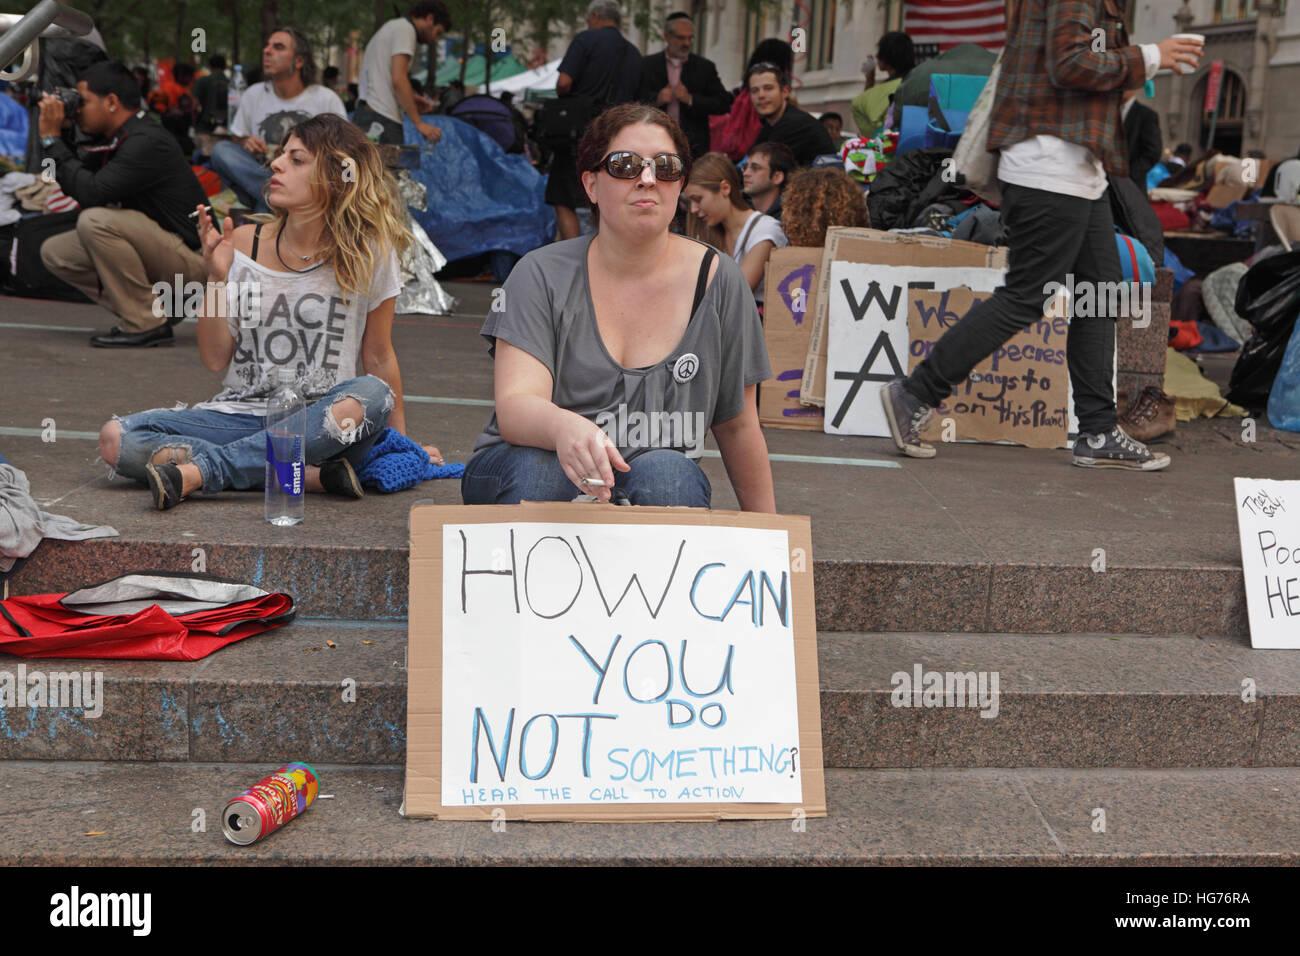 Occupare Wall Street protester camp a Zuccotti Park donna con una targhetta chiamando le persone in azione Immagini Stock